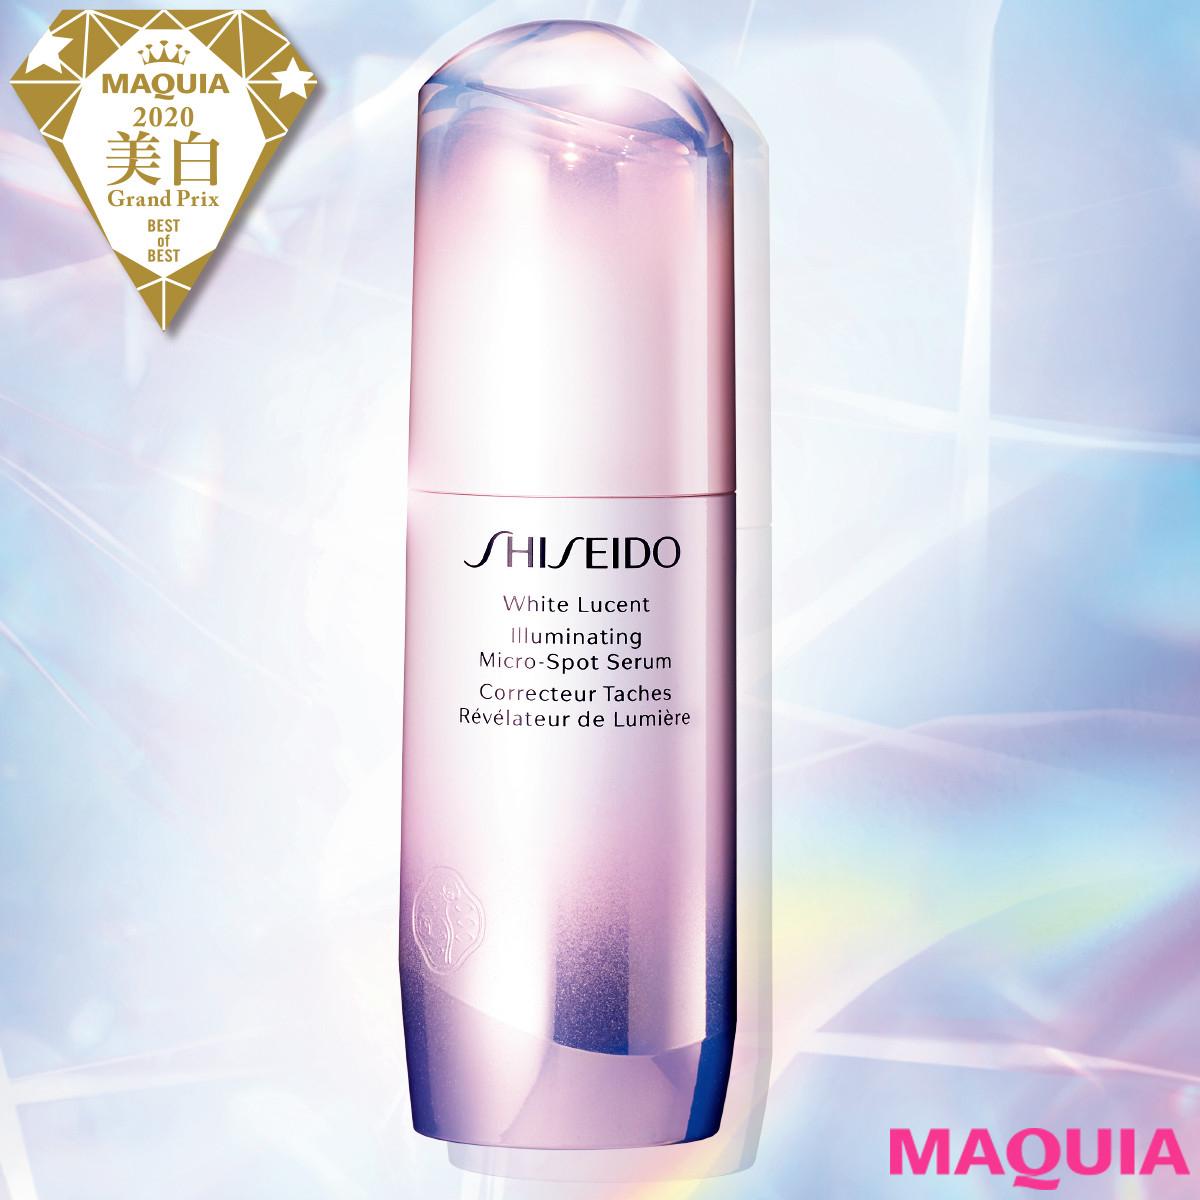 ベスト・オブ・ベスト美白2020の栄冠は? 桜色の美肌に導く、SHISEIDOの1本に!